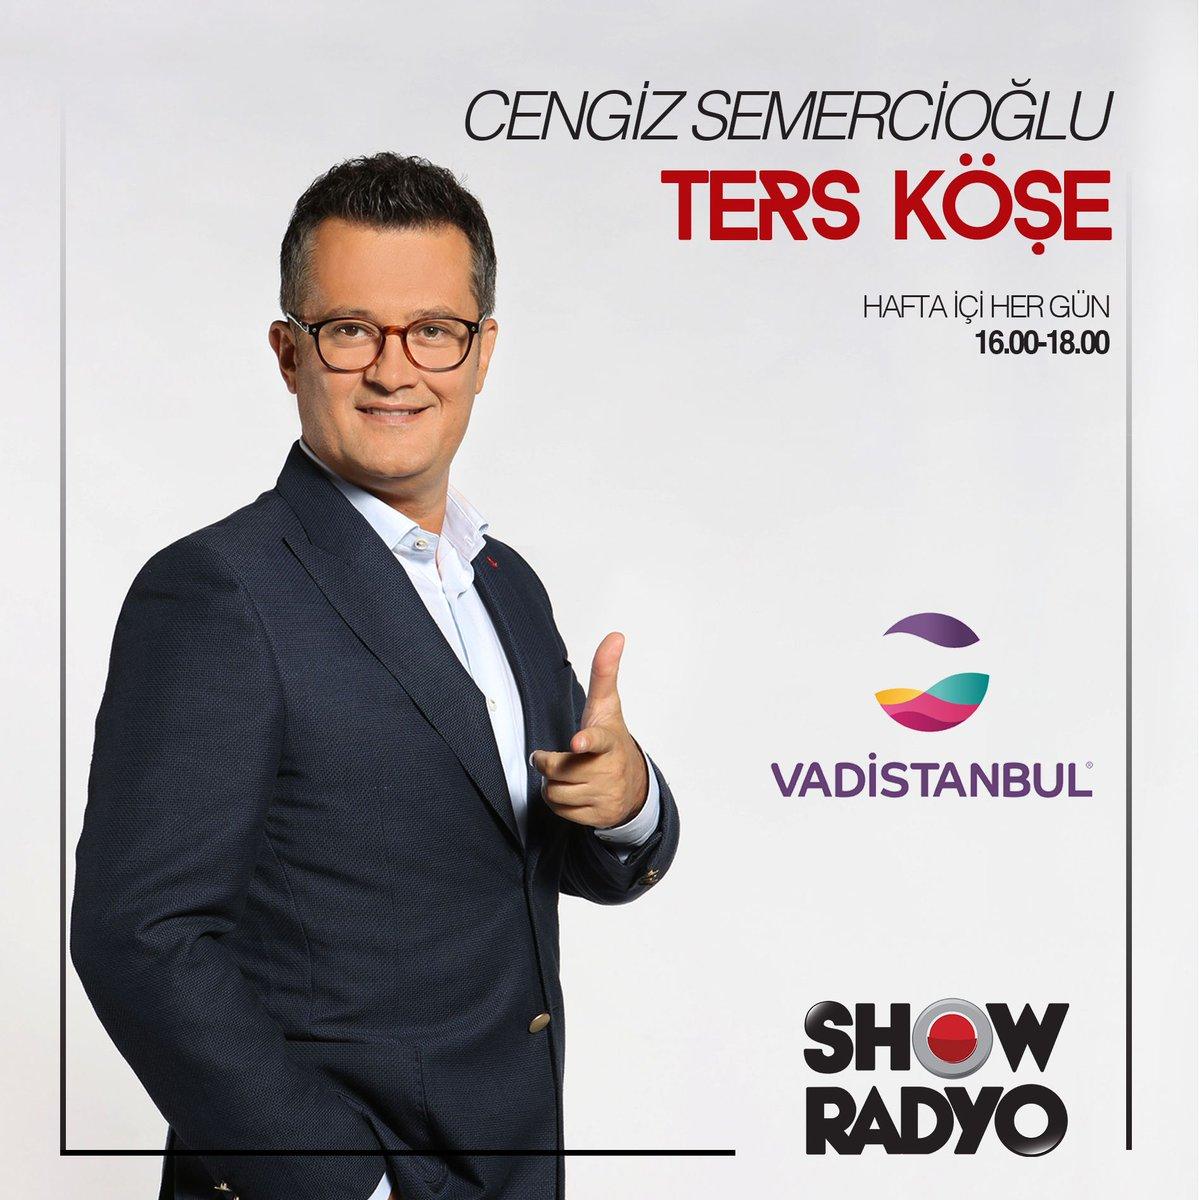 Vadistanbul'un sunduğu Cengiz Semercioğlu ile Ters Köşe yayında! 📸